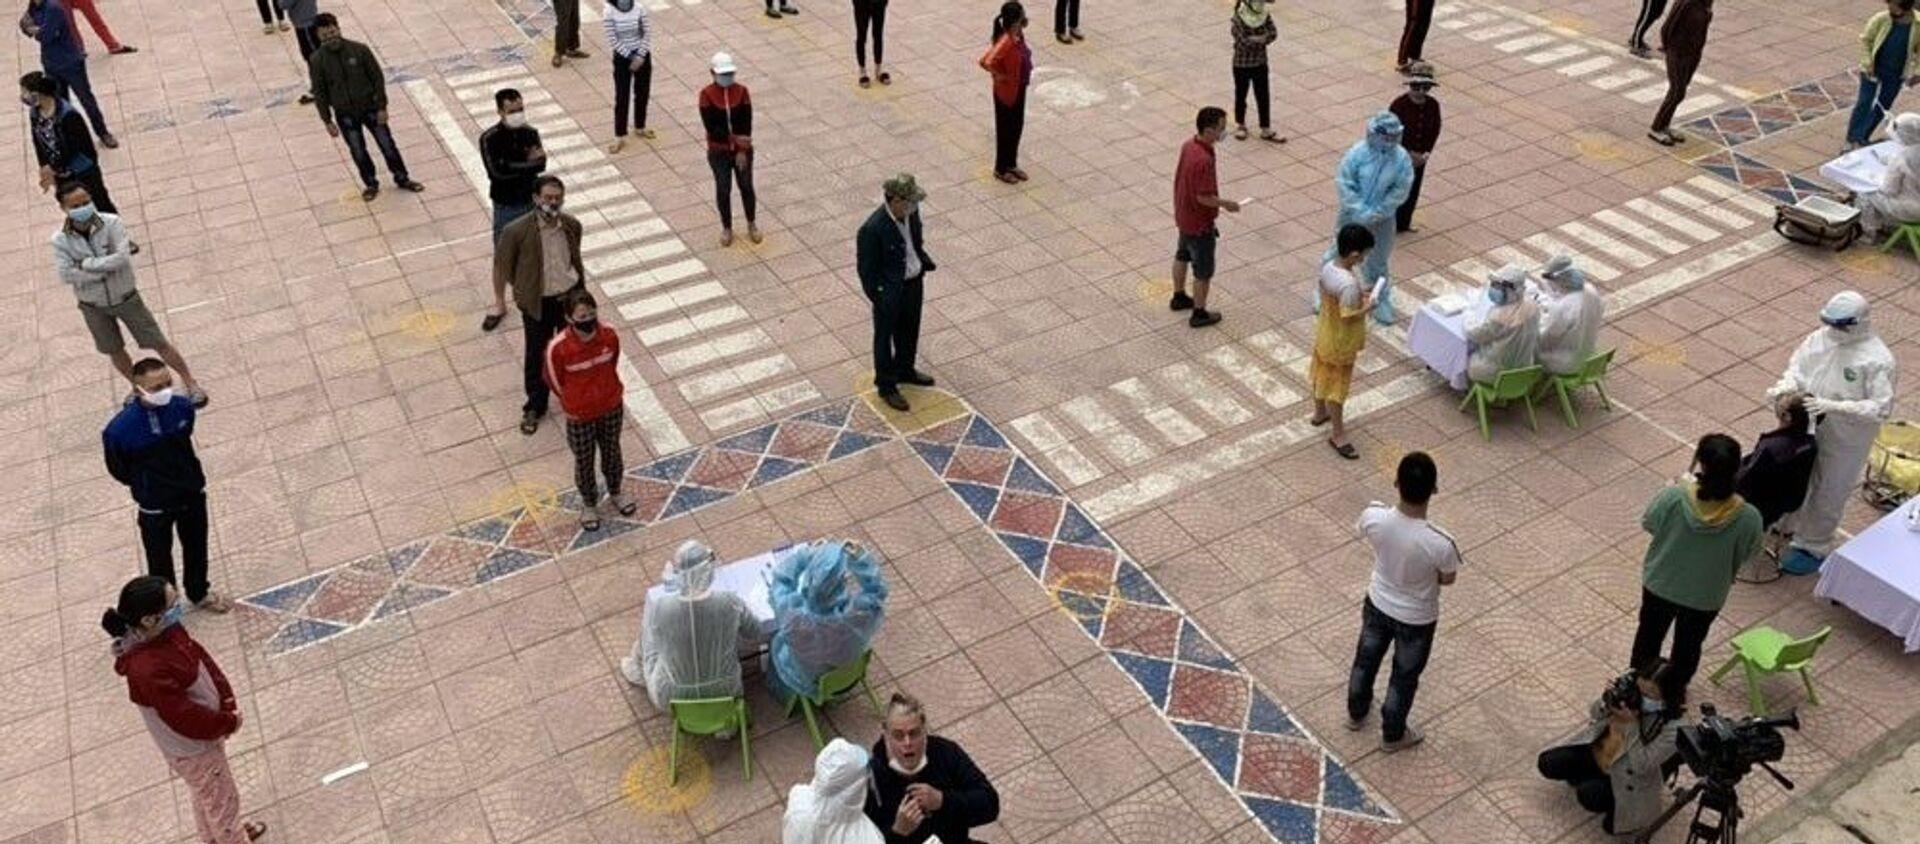 Ngày 24/2, phường Tứ Minh, thành phố Hải Dương, dự kiến sẽ lấy khoảng trên 800 mẫu xét nghiệm.  - Sputnik Việt Nam, 1920, 16.03.2021